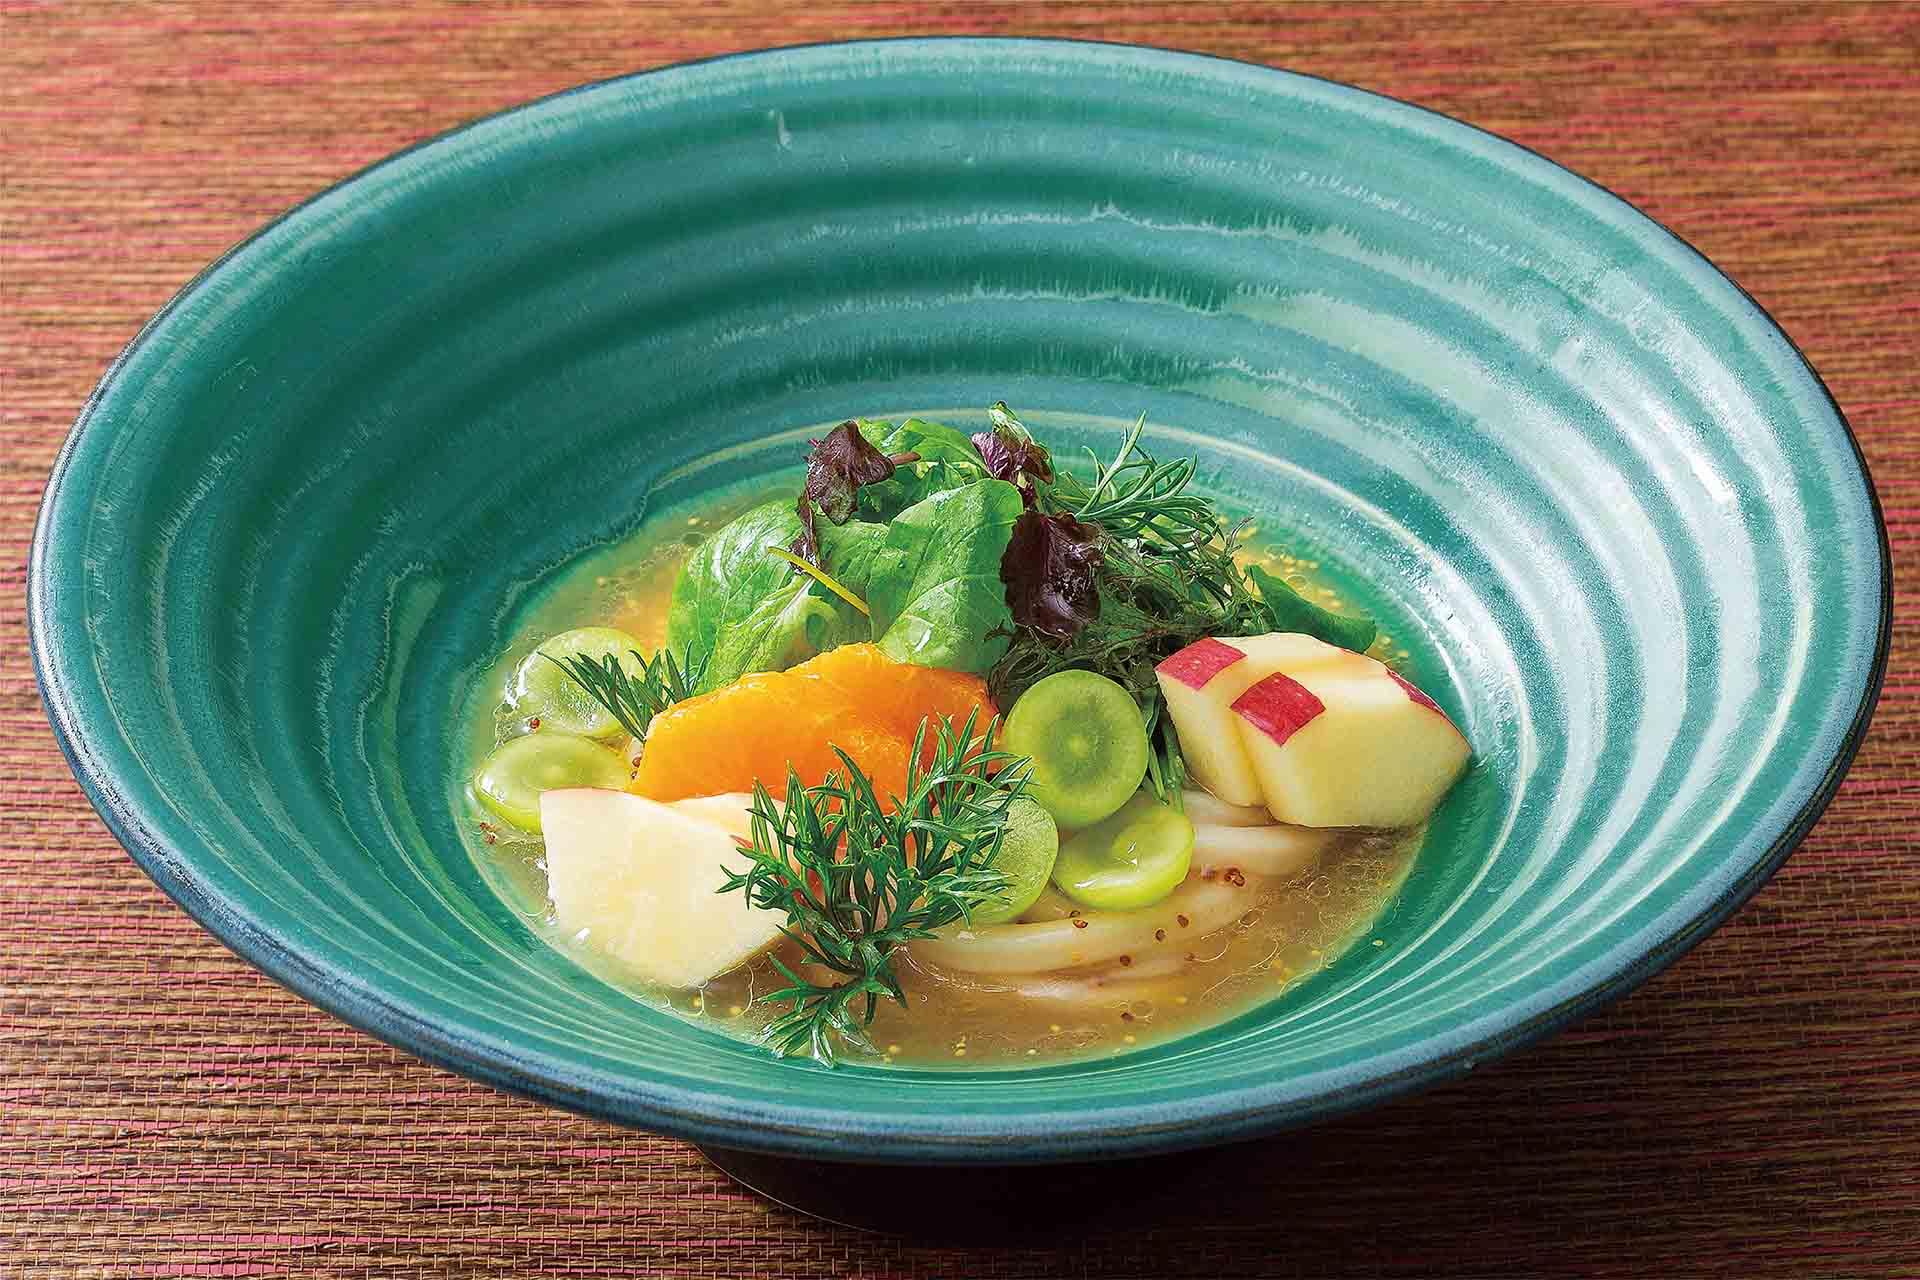 秋野菜とフルーツサラダおうどん